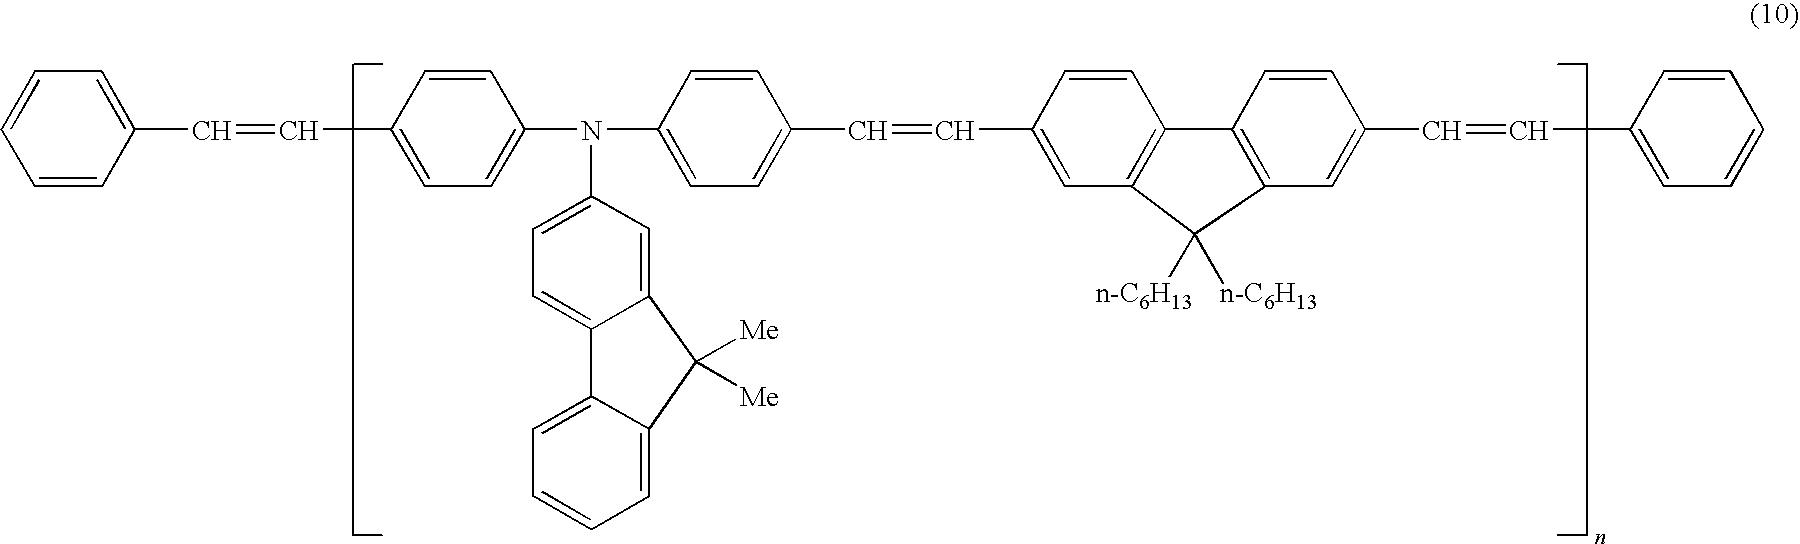 Figure US08129494-20120306-C00081